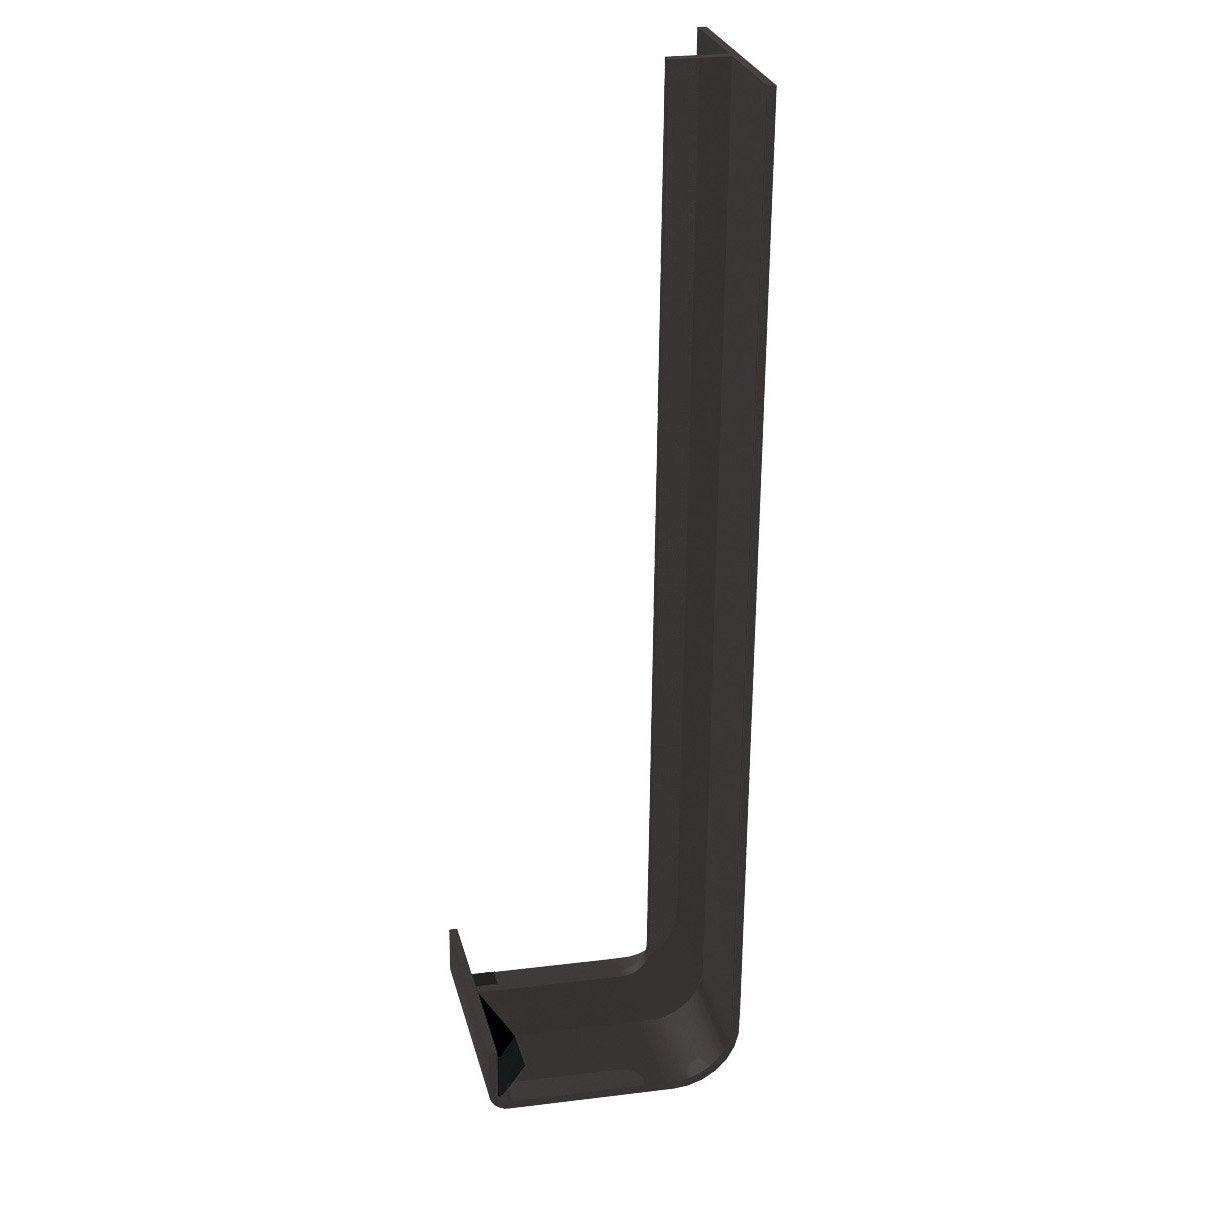 jonction de rive pour bandeau de rive noir pvc mm leroy merlin. Black Bedroom Furniture Sets. Home Design Ideas